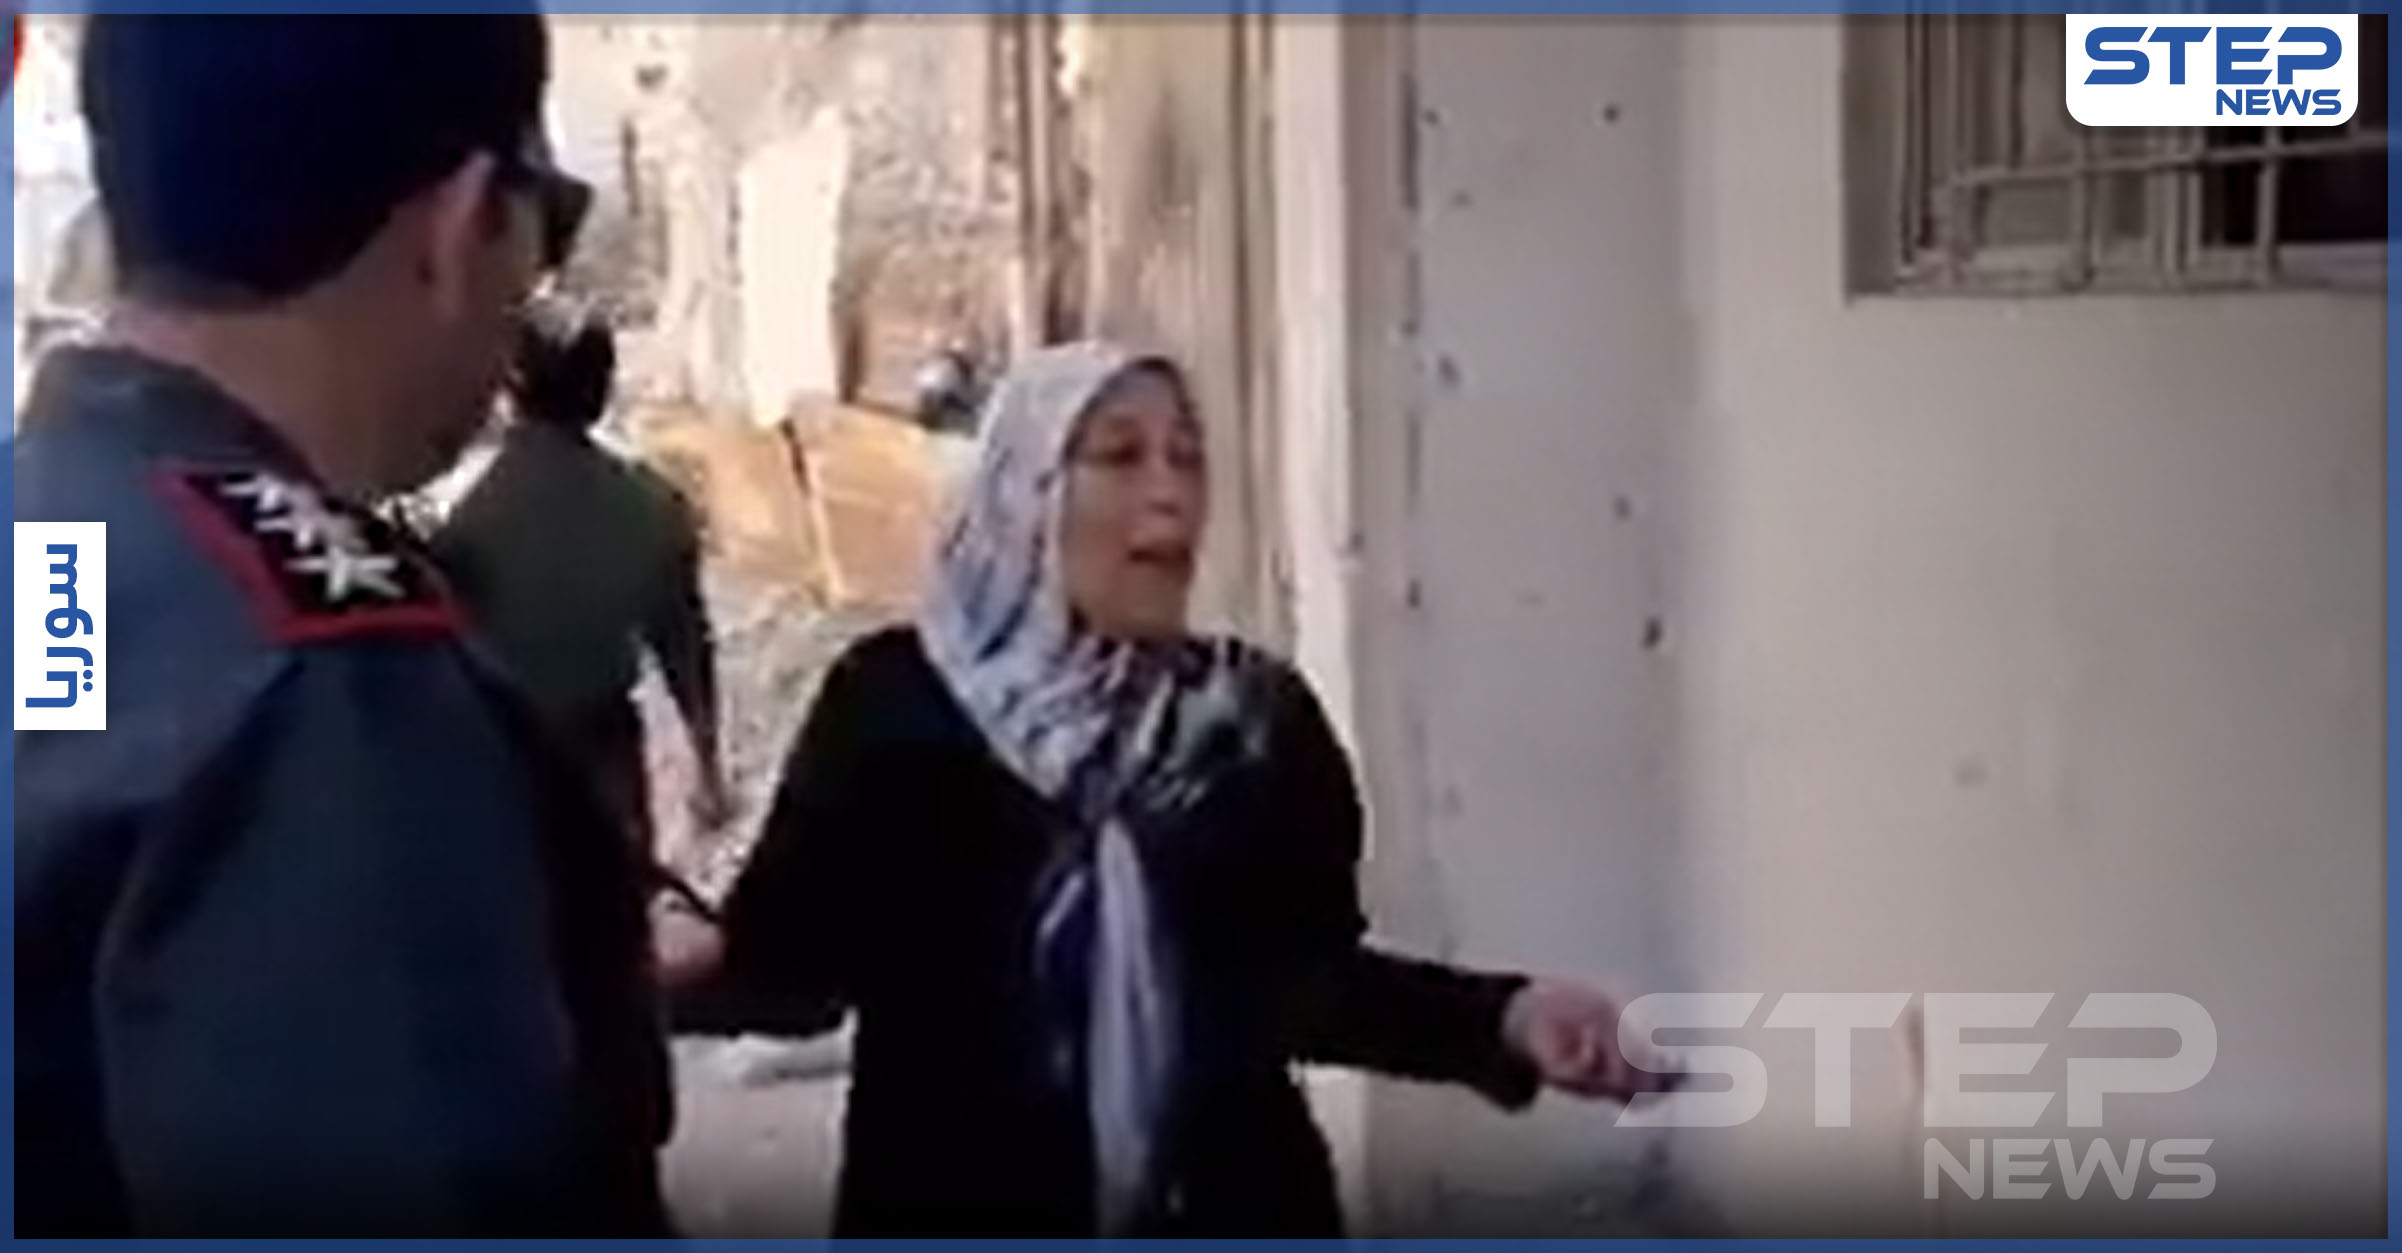 سوري يسجن أطفاله بطريقةٍ وحشية إرضاءًا لزوجته في زملكا